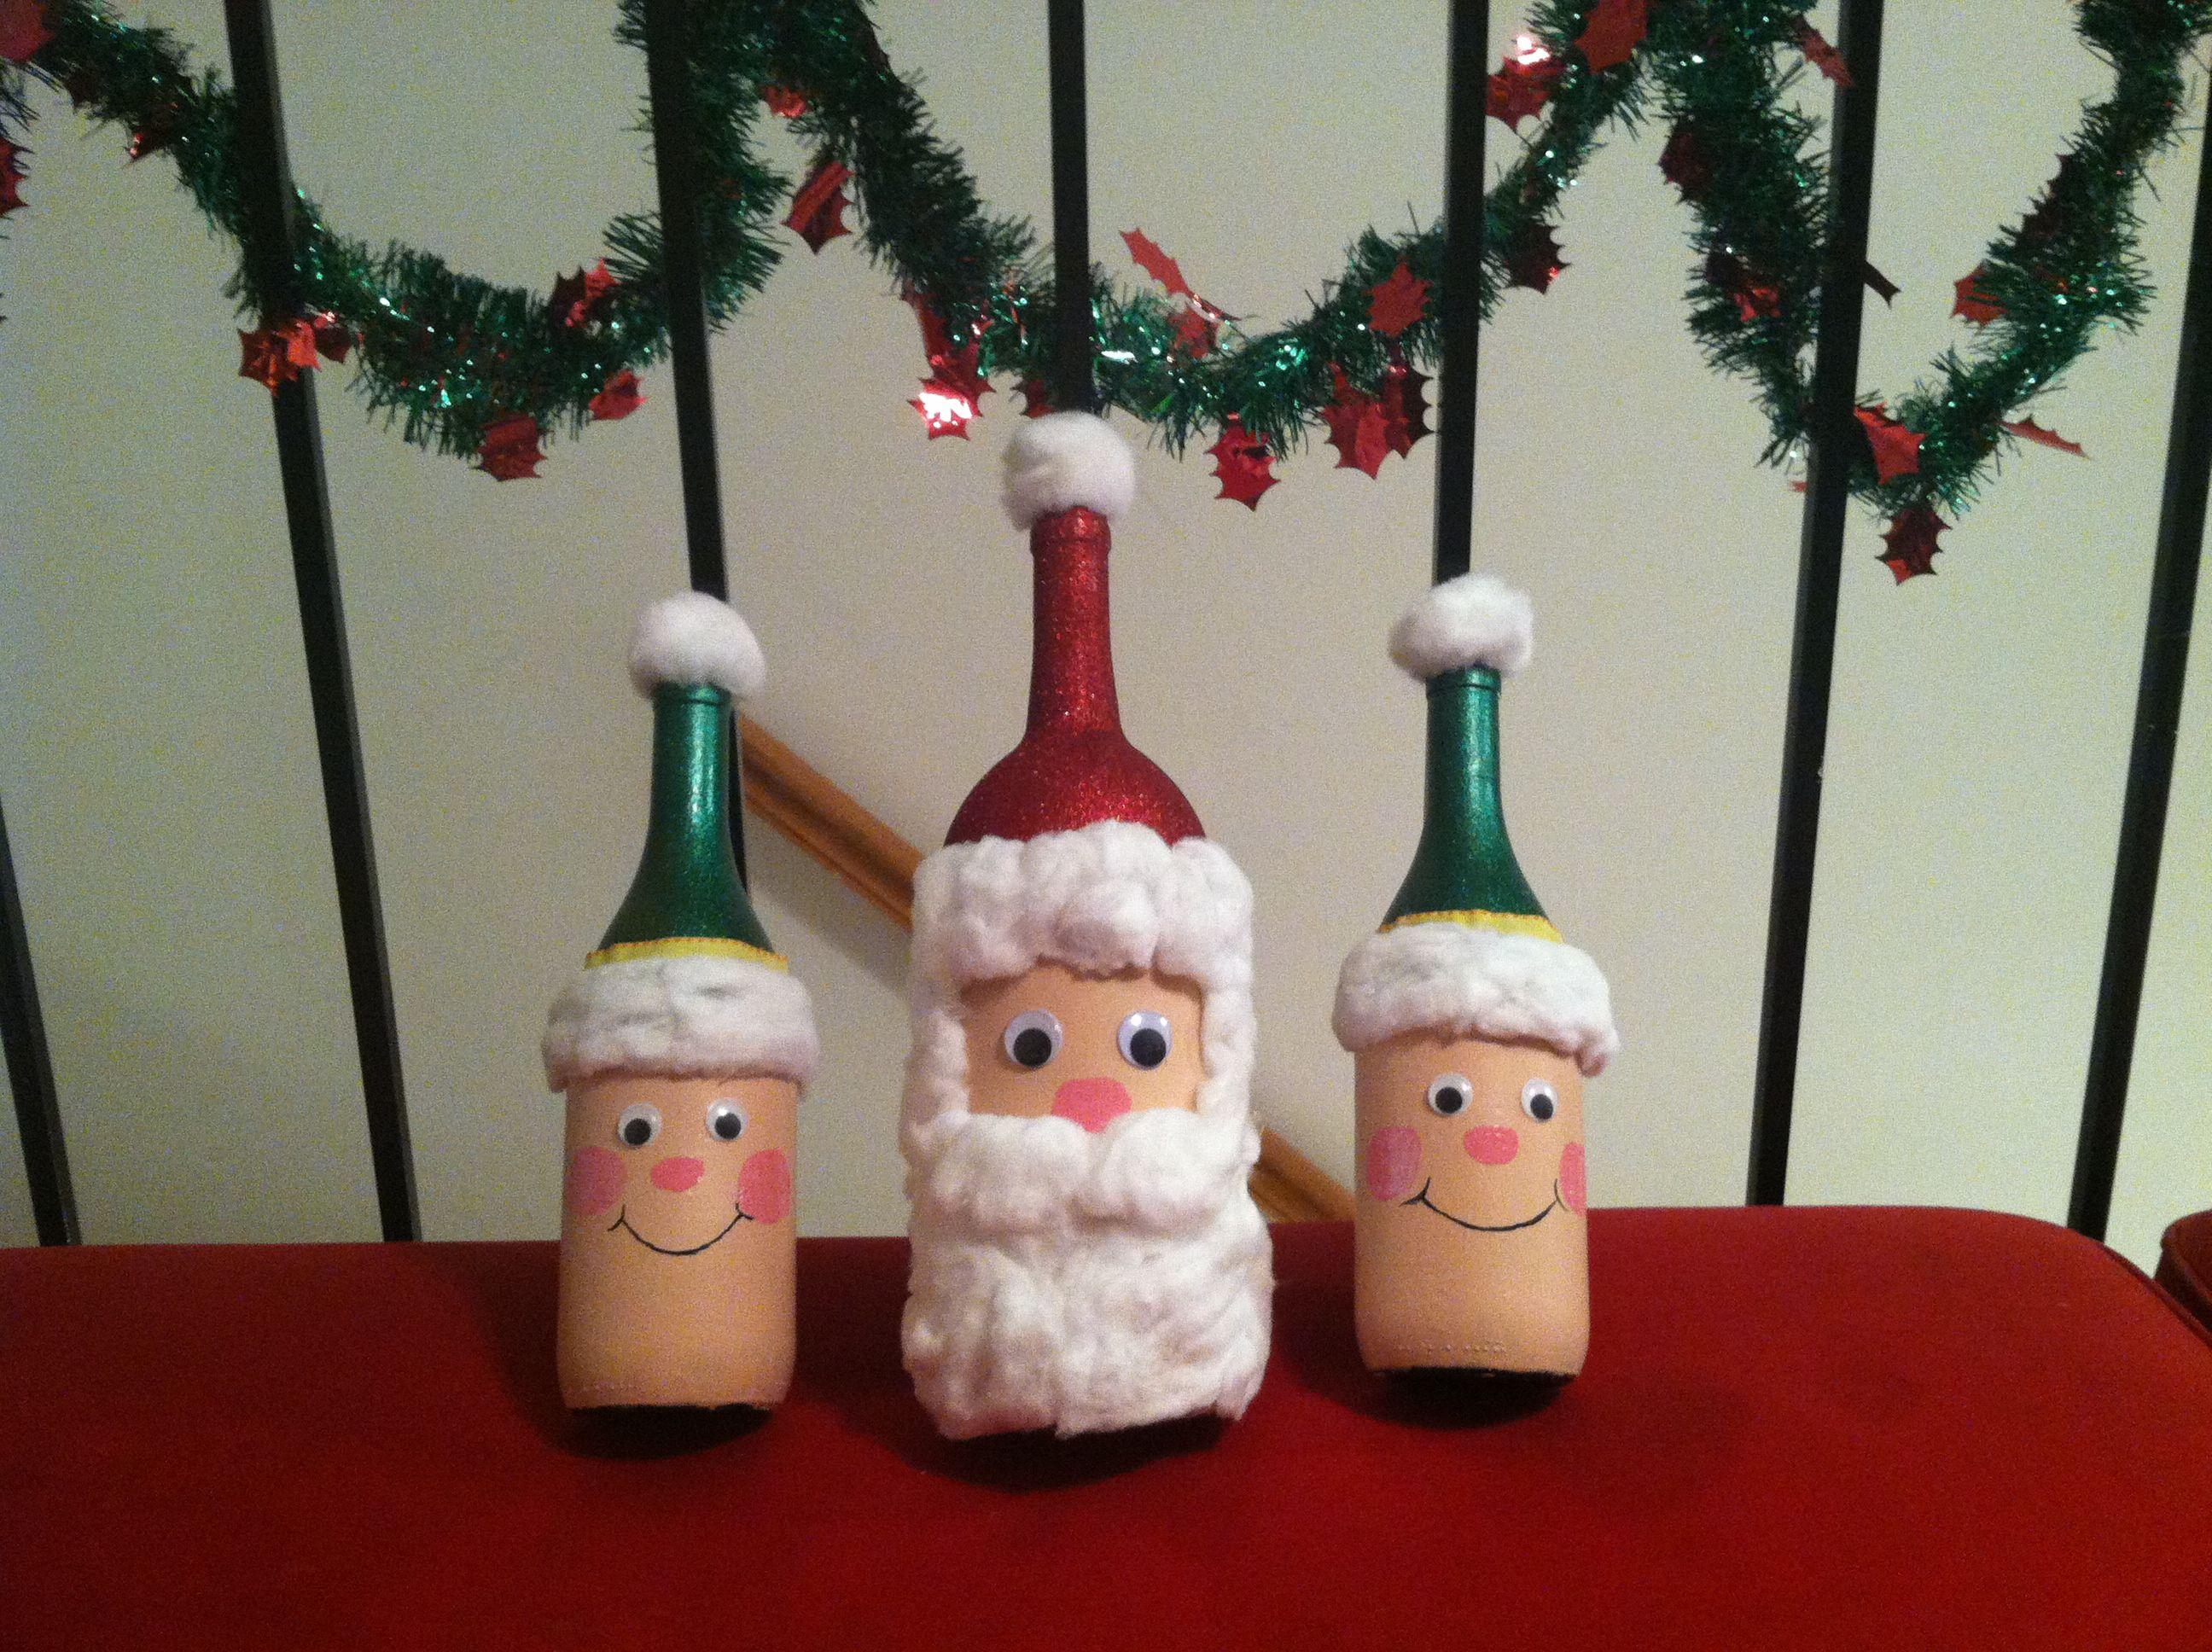 Santa and elves wine bottle diy craft home decor for Diy wine bottle crafts pinterest